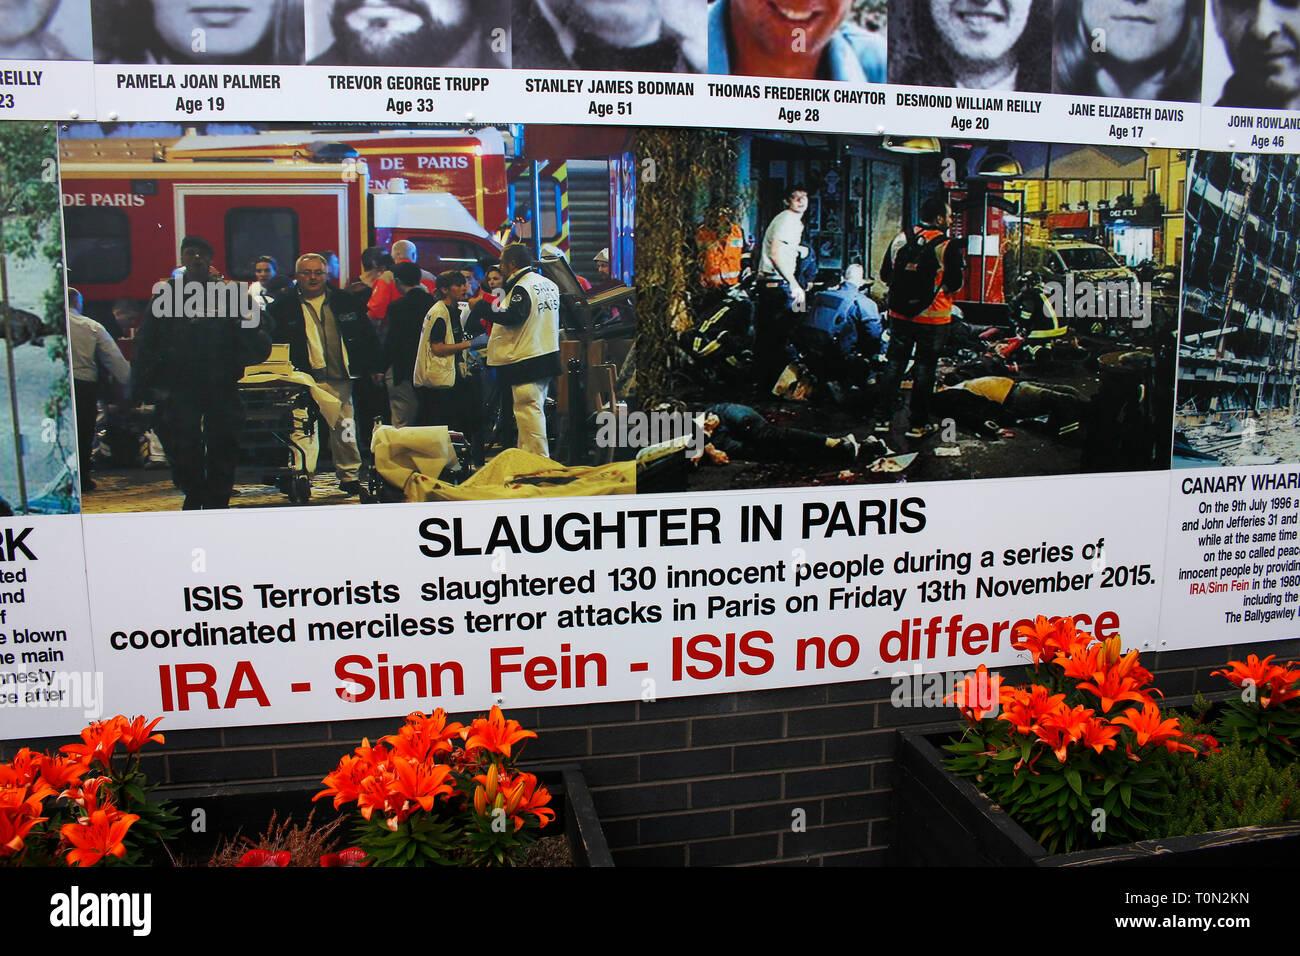 'Bayardo' - Erinnerung an protestantischer Opfer von Terroranschlaegen, die von Katholiken veruebt worden waren - Wandbild/ Mural, das an den Buergerk - Stock Image